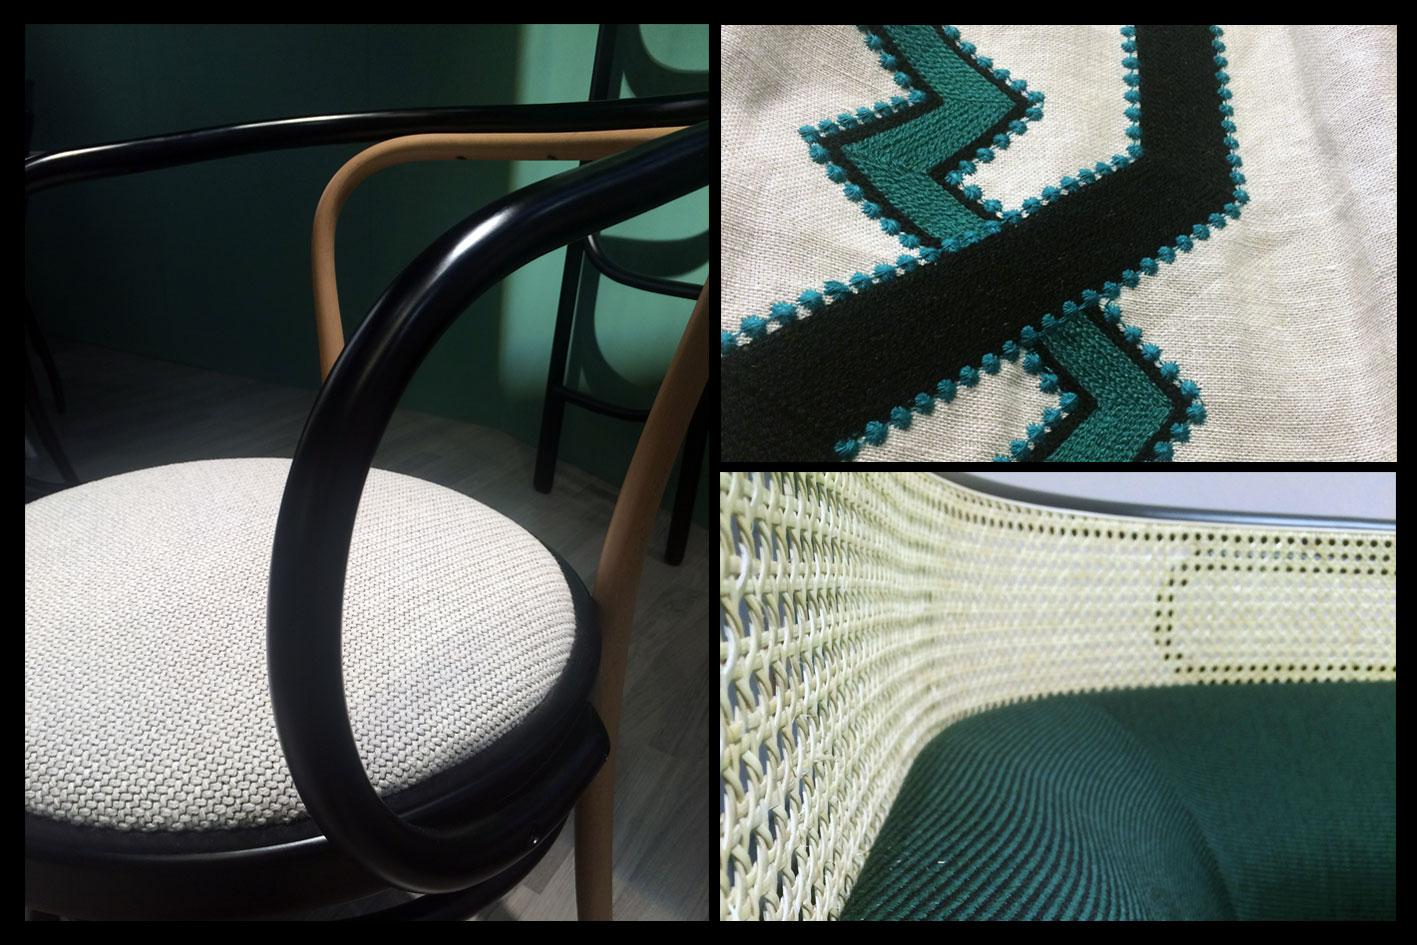 Décoration intérieur - Green style